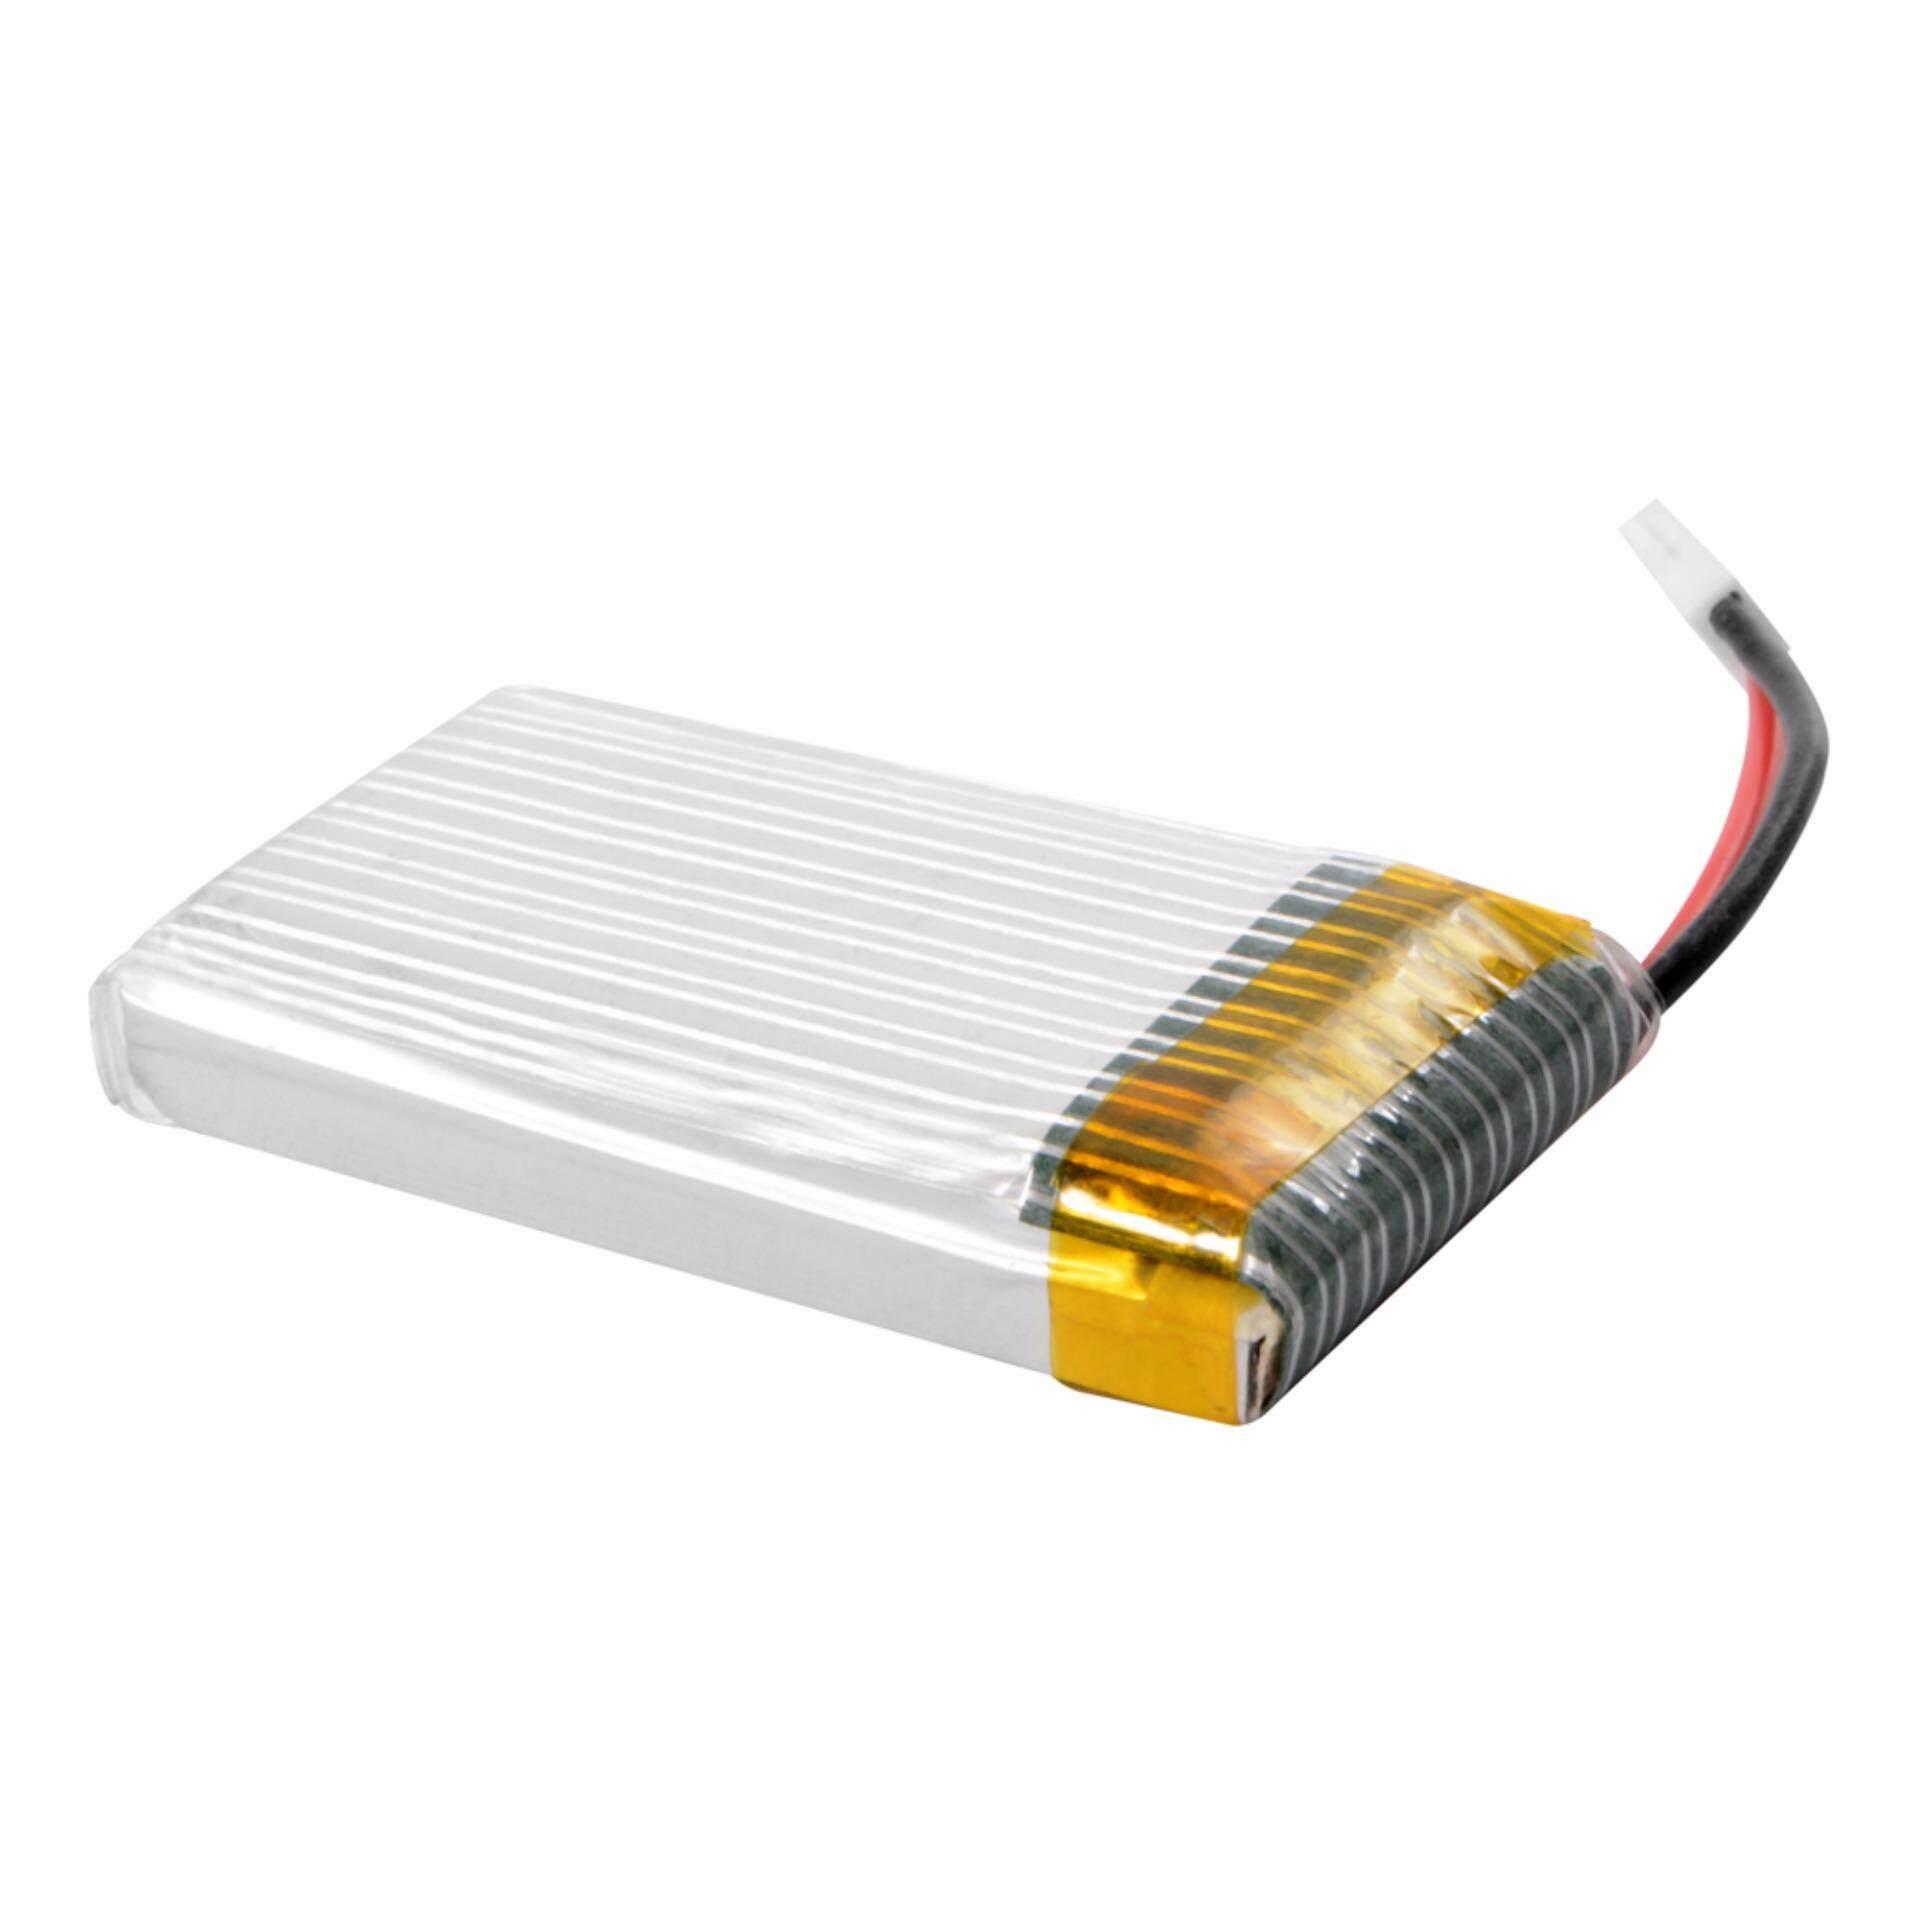 ... 5in1 Set Pengisi Daya dengan 5 Pcs 3.7 V 1200 MAh Li-po Baterai untuk ...